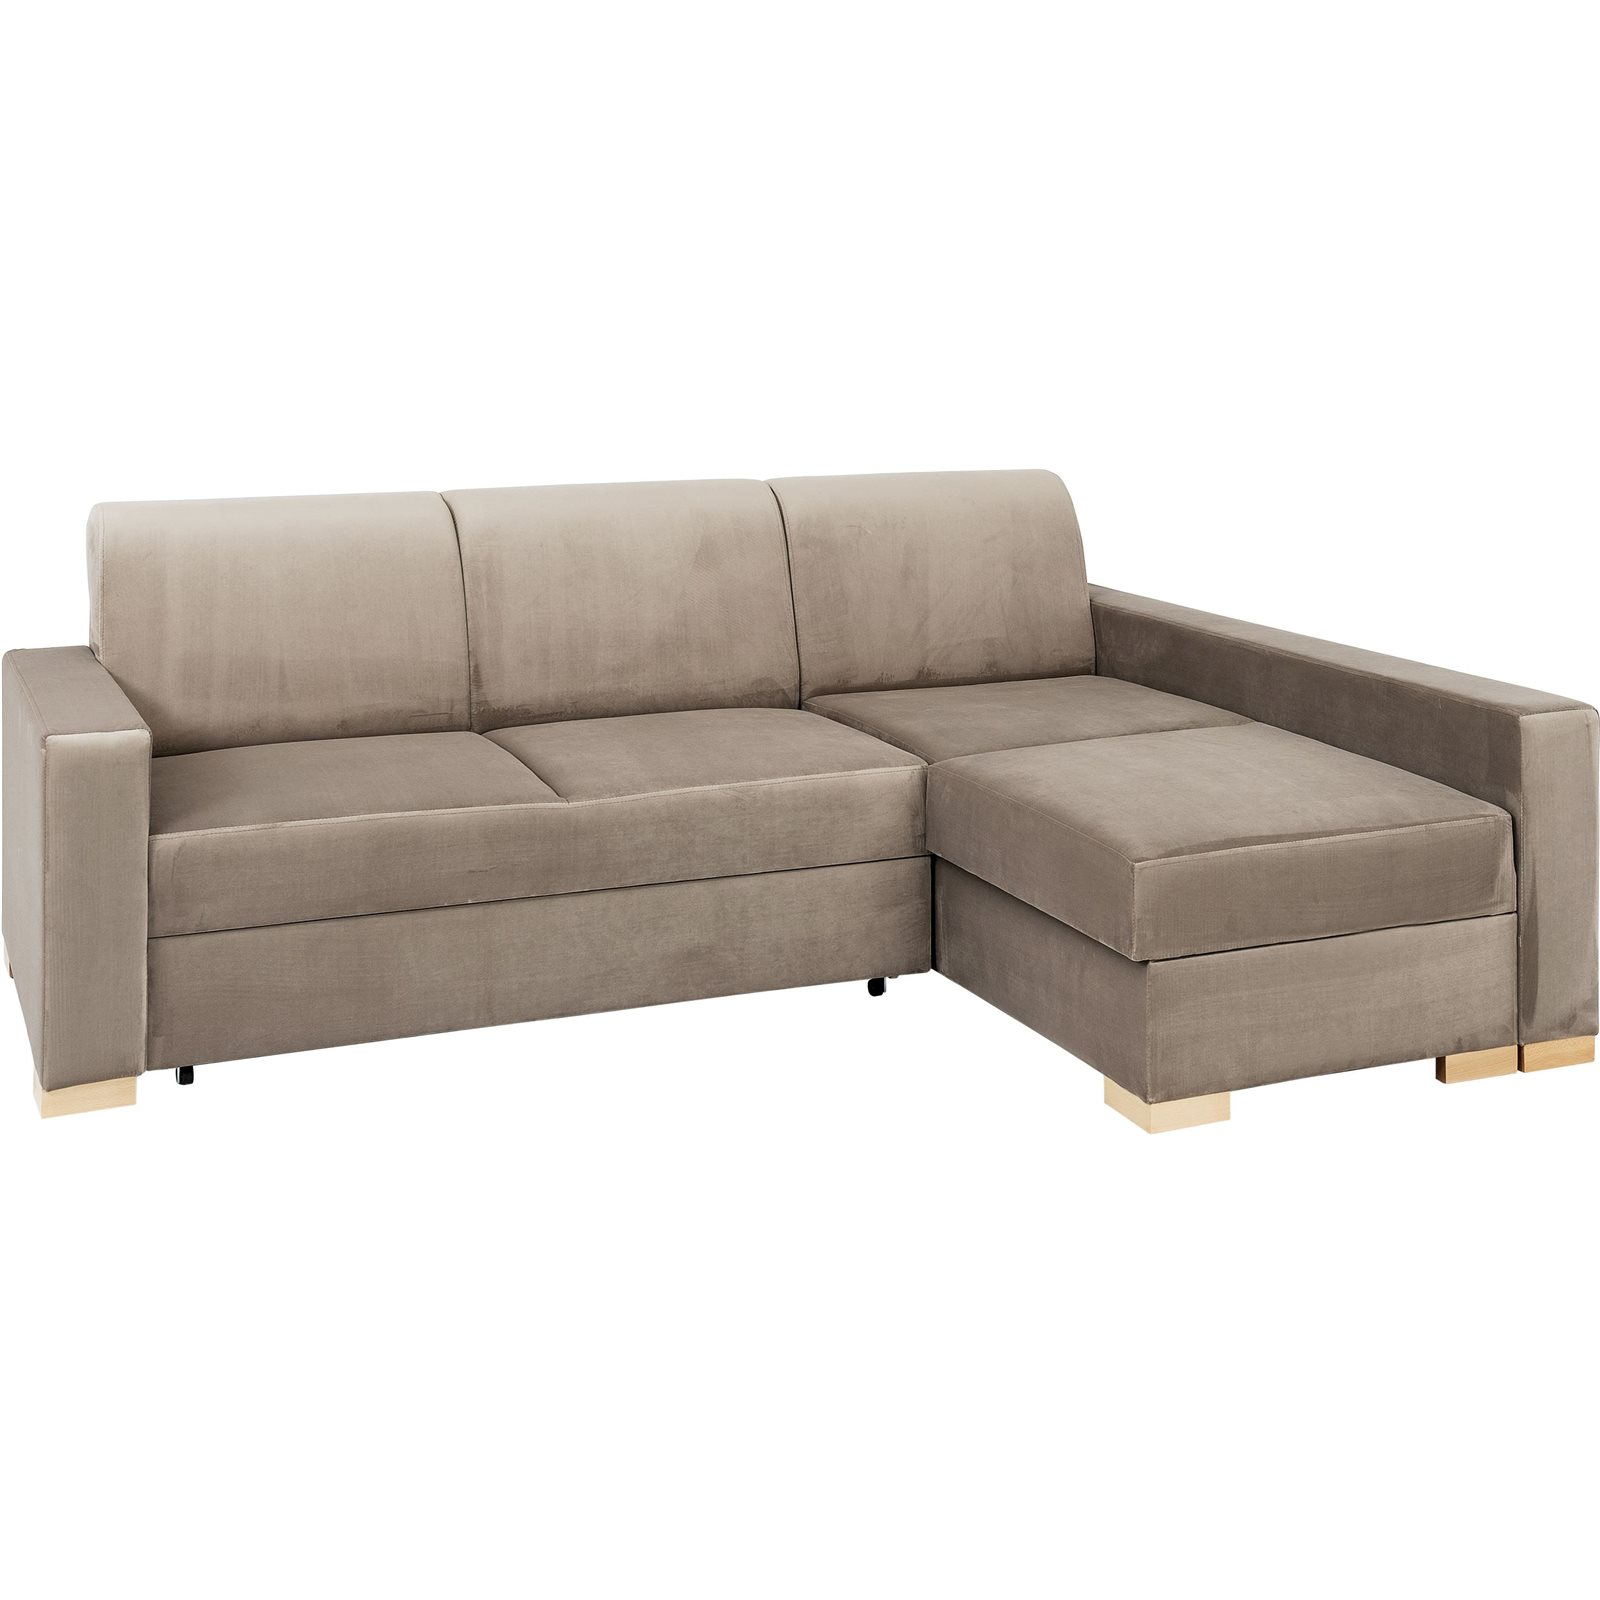 Canapé-lit d'angle droit 3 places beige h40cm